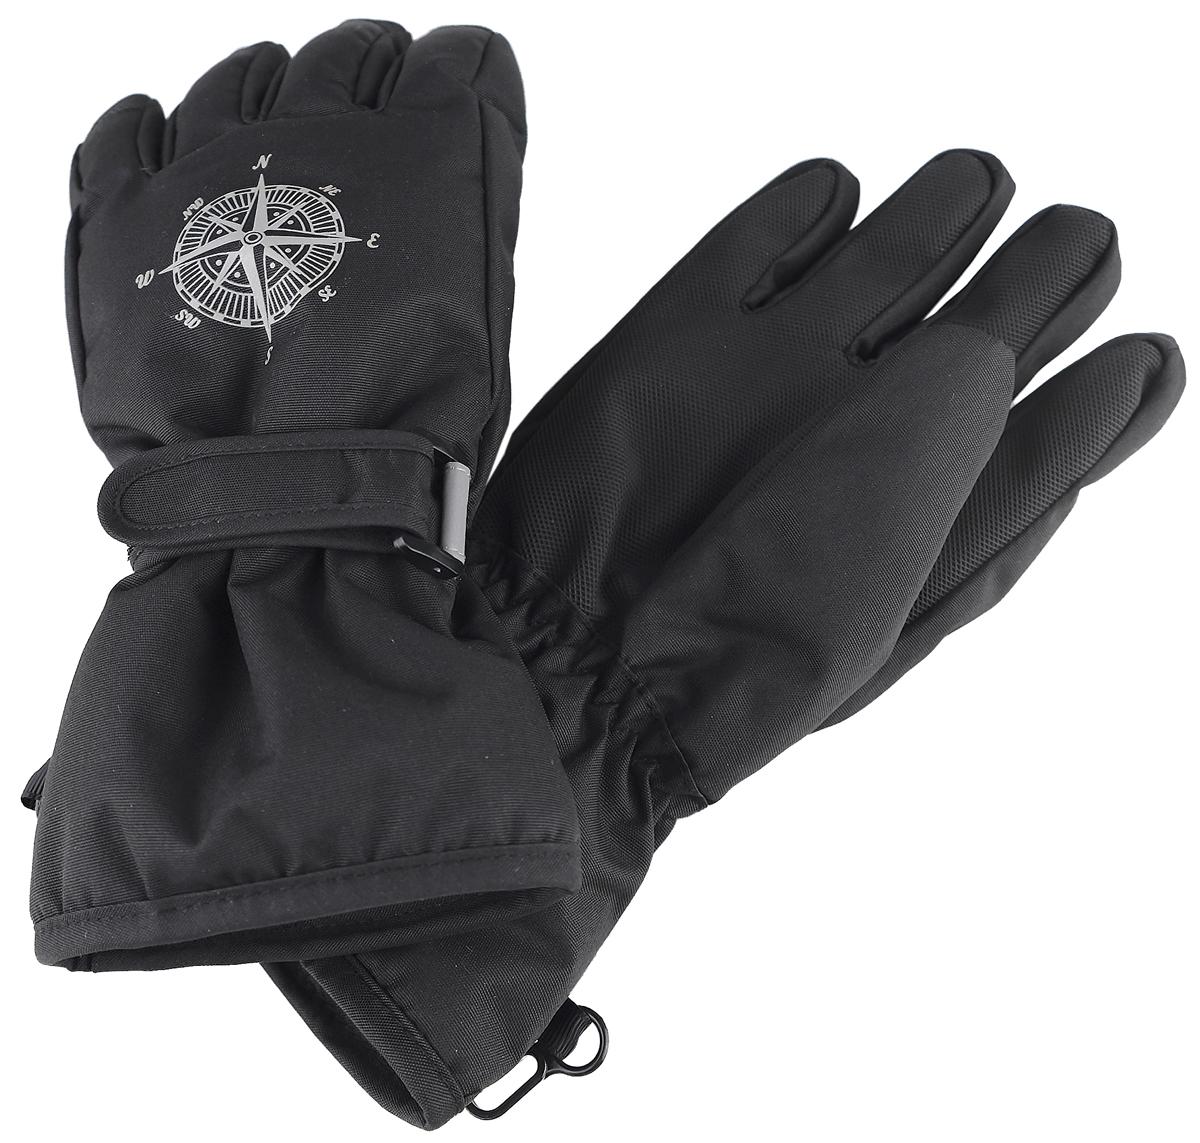 Перчатки для мальчика Reike, цвет: черный. RW18_MP black. Размер 9 перчатки reike